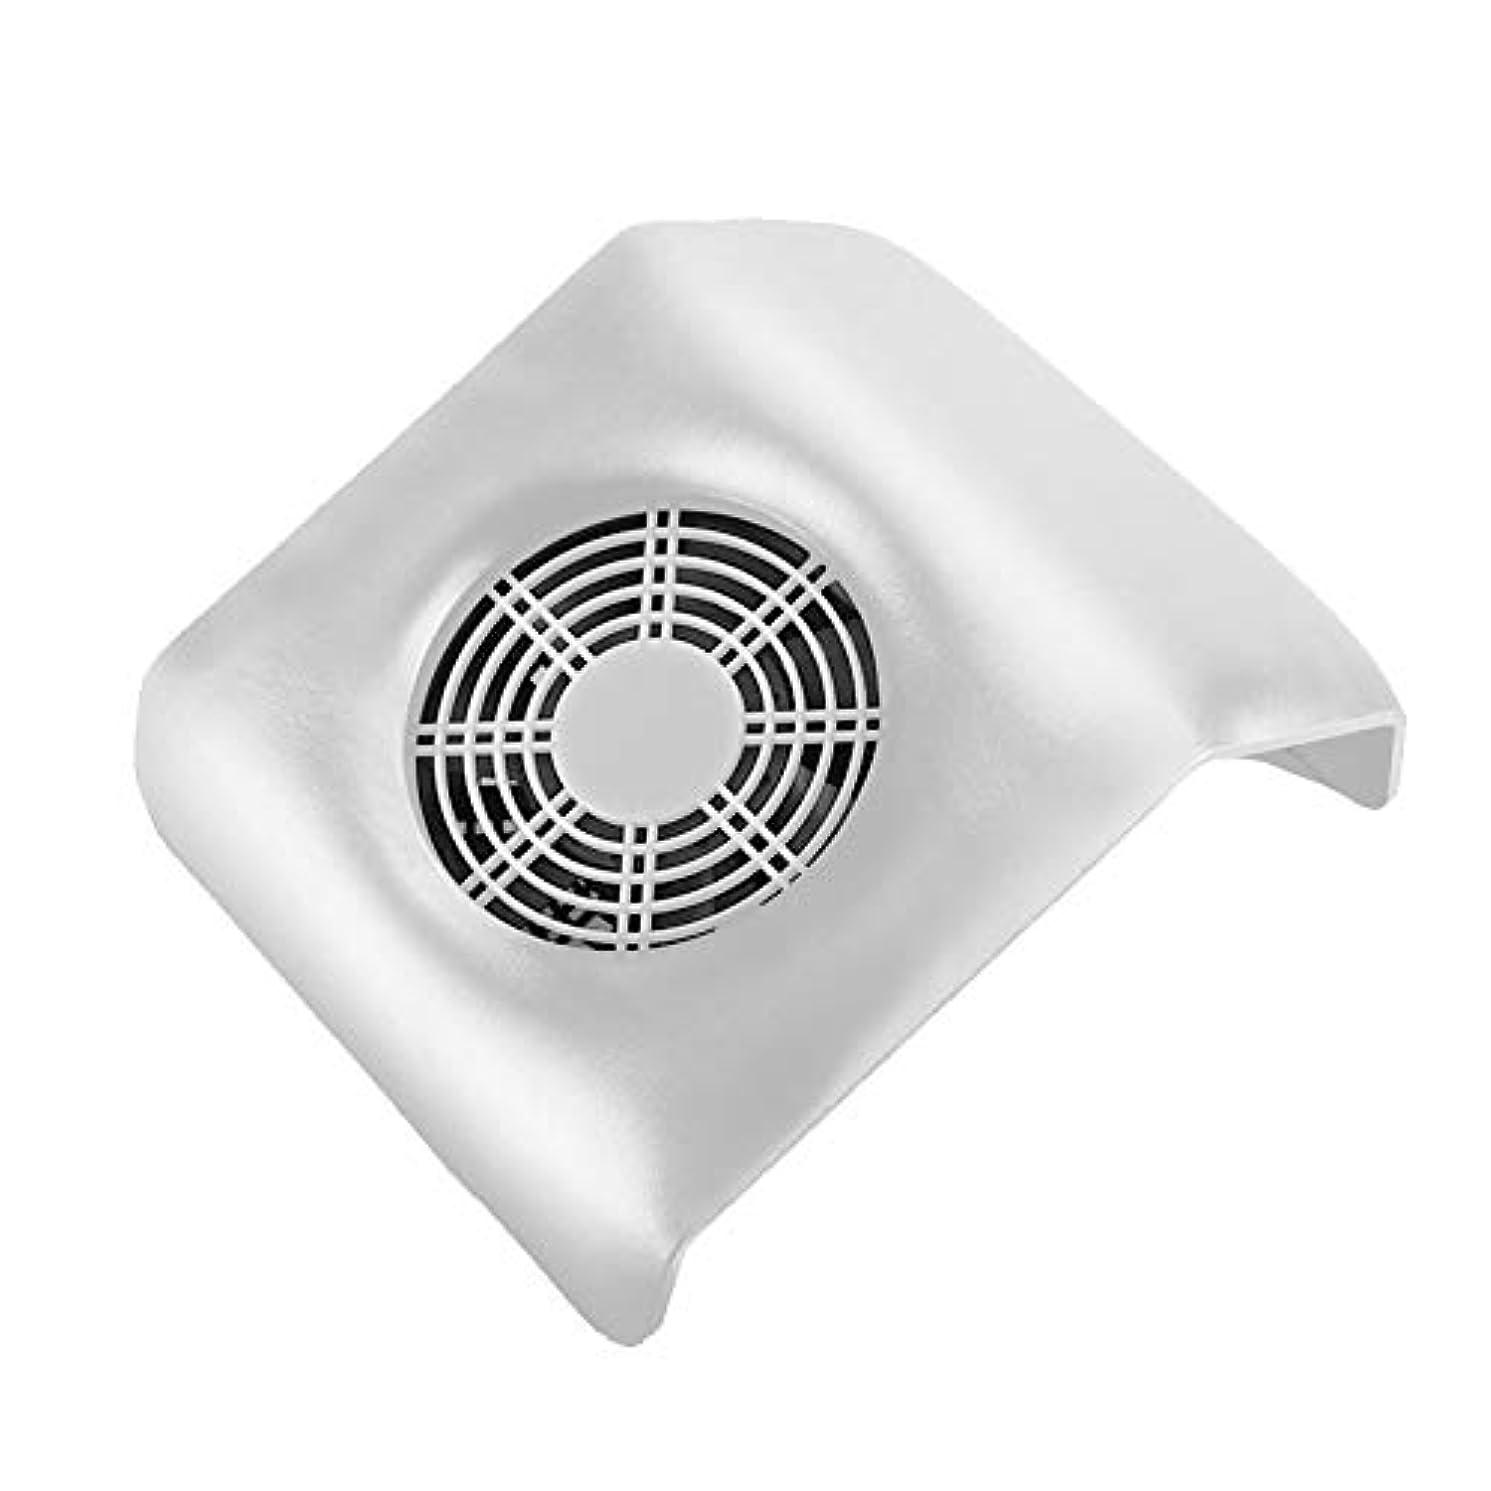 読みやすい戦うスペードネイル 集塵機 ネイルアート掃除機 ネイルマシン ネイルダスト ダストクリーナー ネイル機器 集塵バッグ付き ホワイト